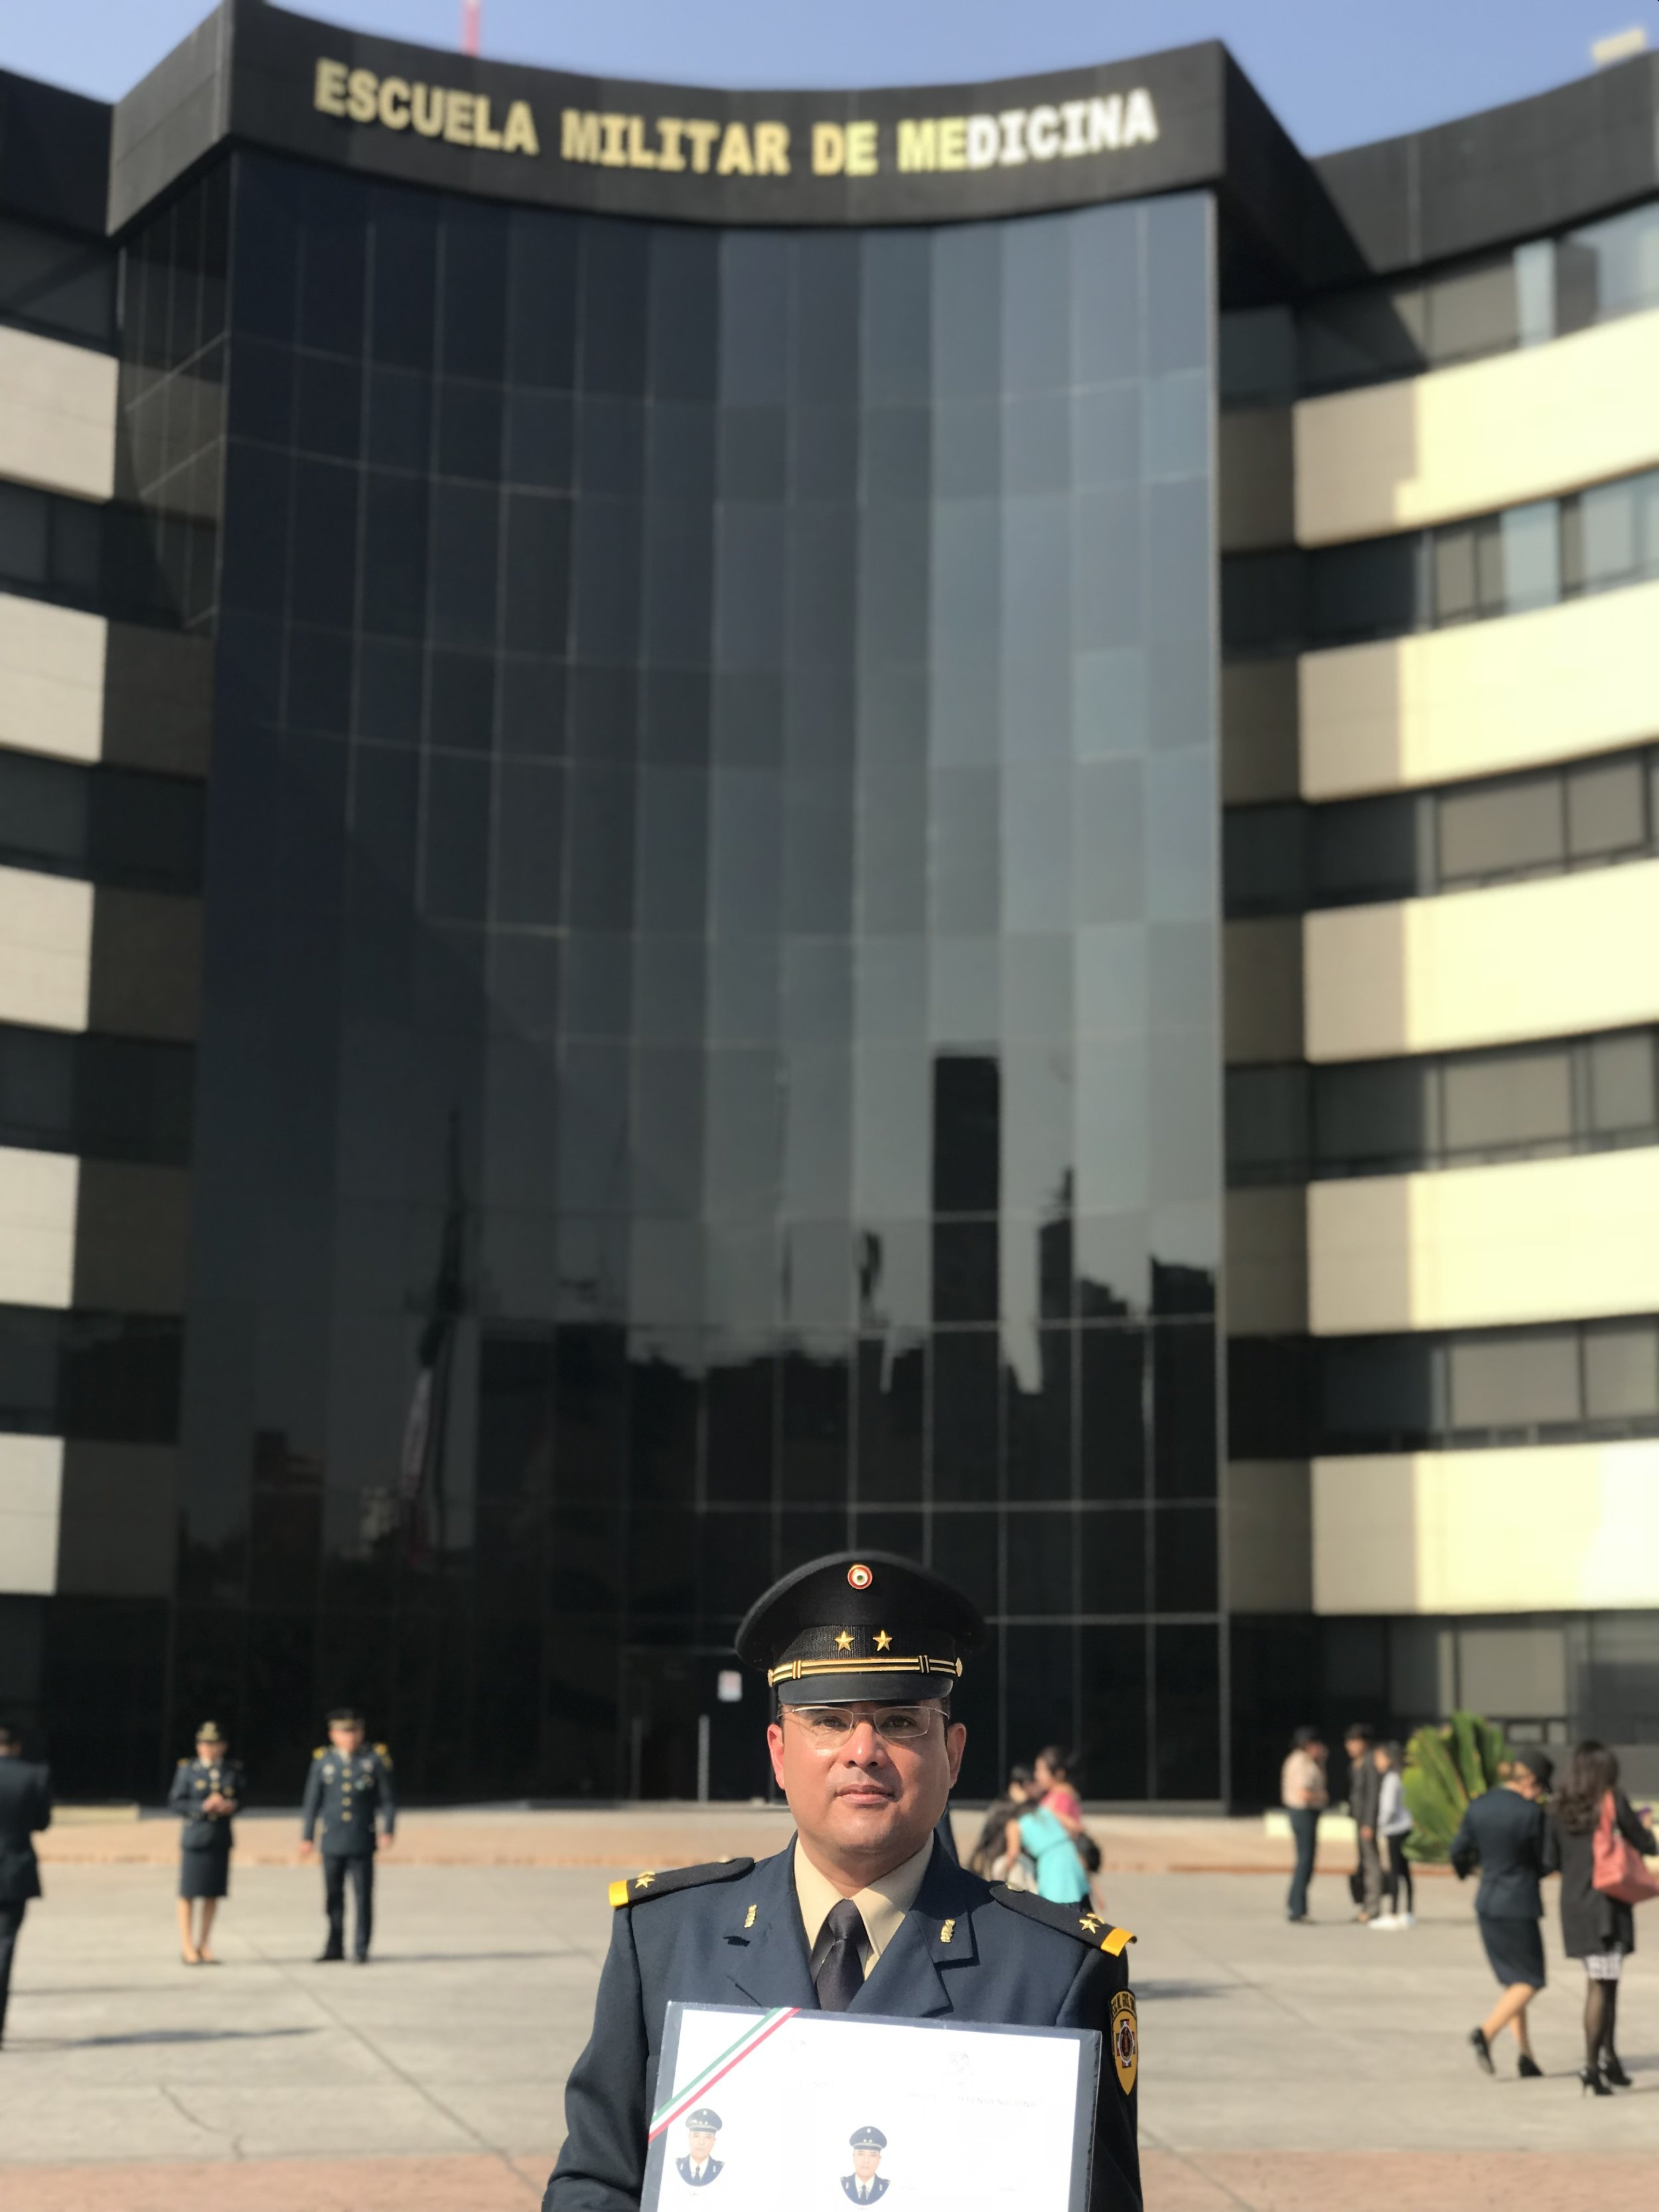 EGRESADO DE la escuela medico militar. - Universidad del Ejército y Fuerza Aérea Mexicana.